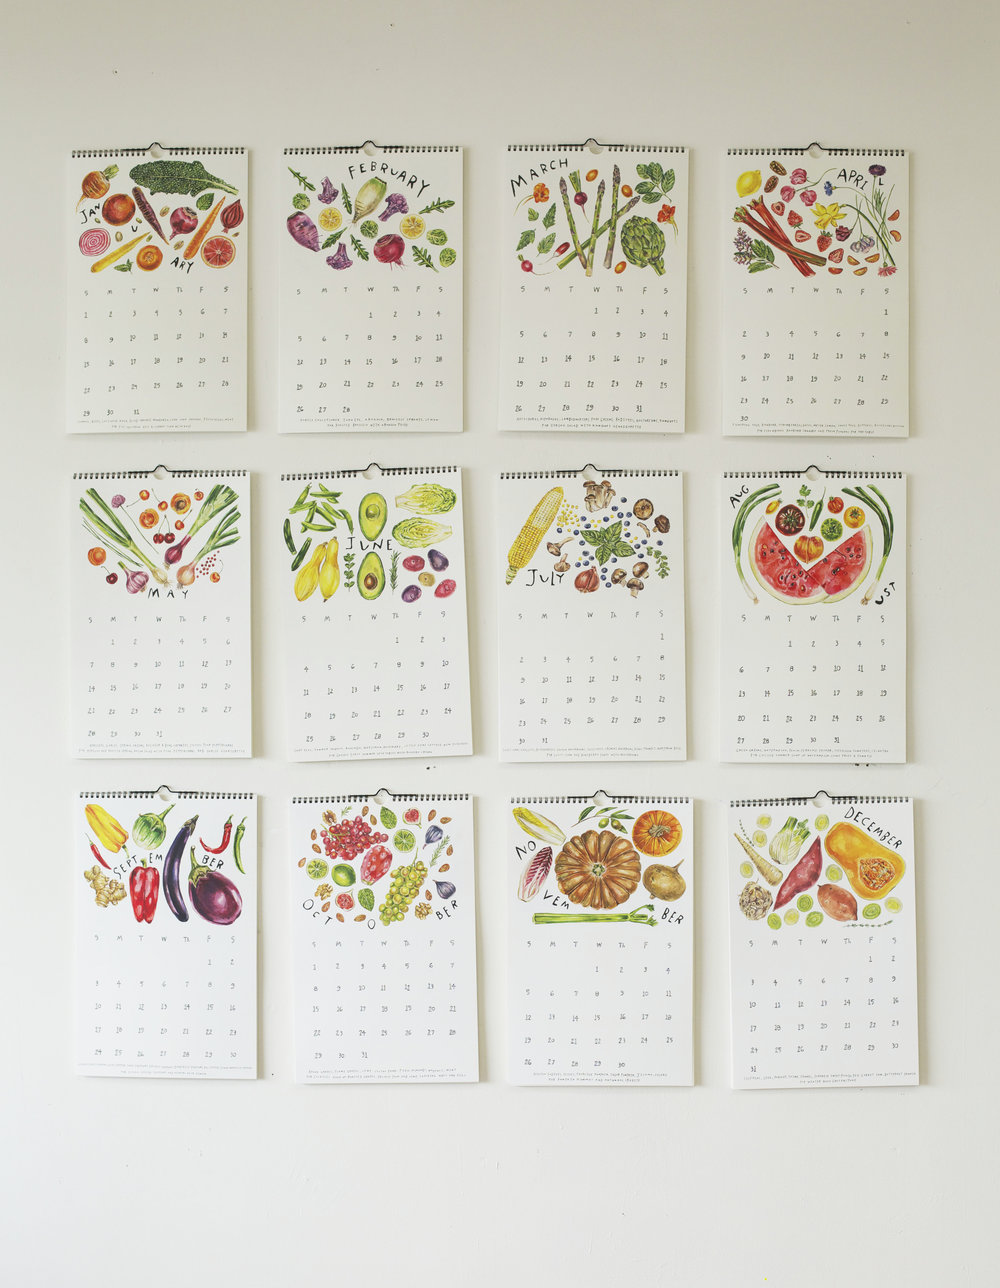 Maria Shoettler's 2017 Produce Calendar